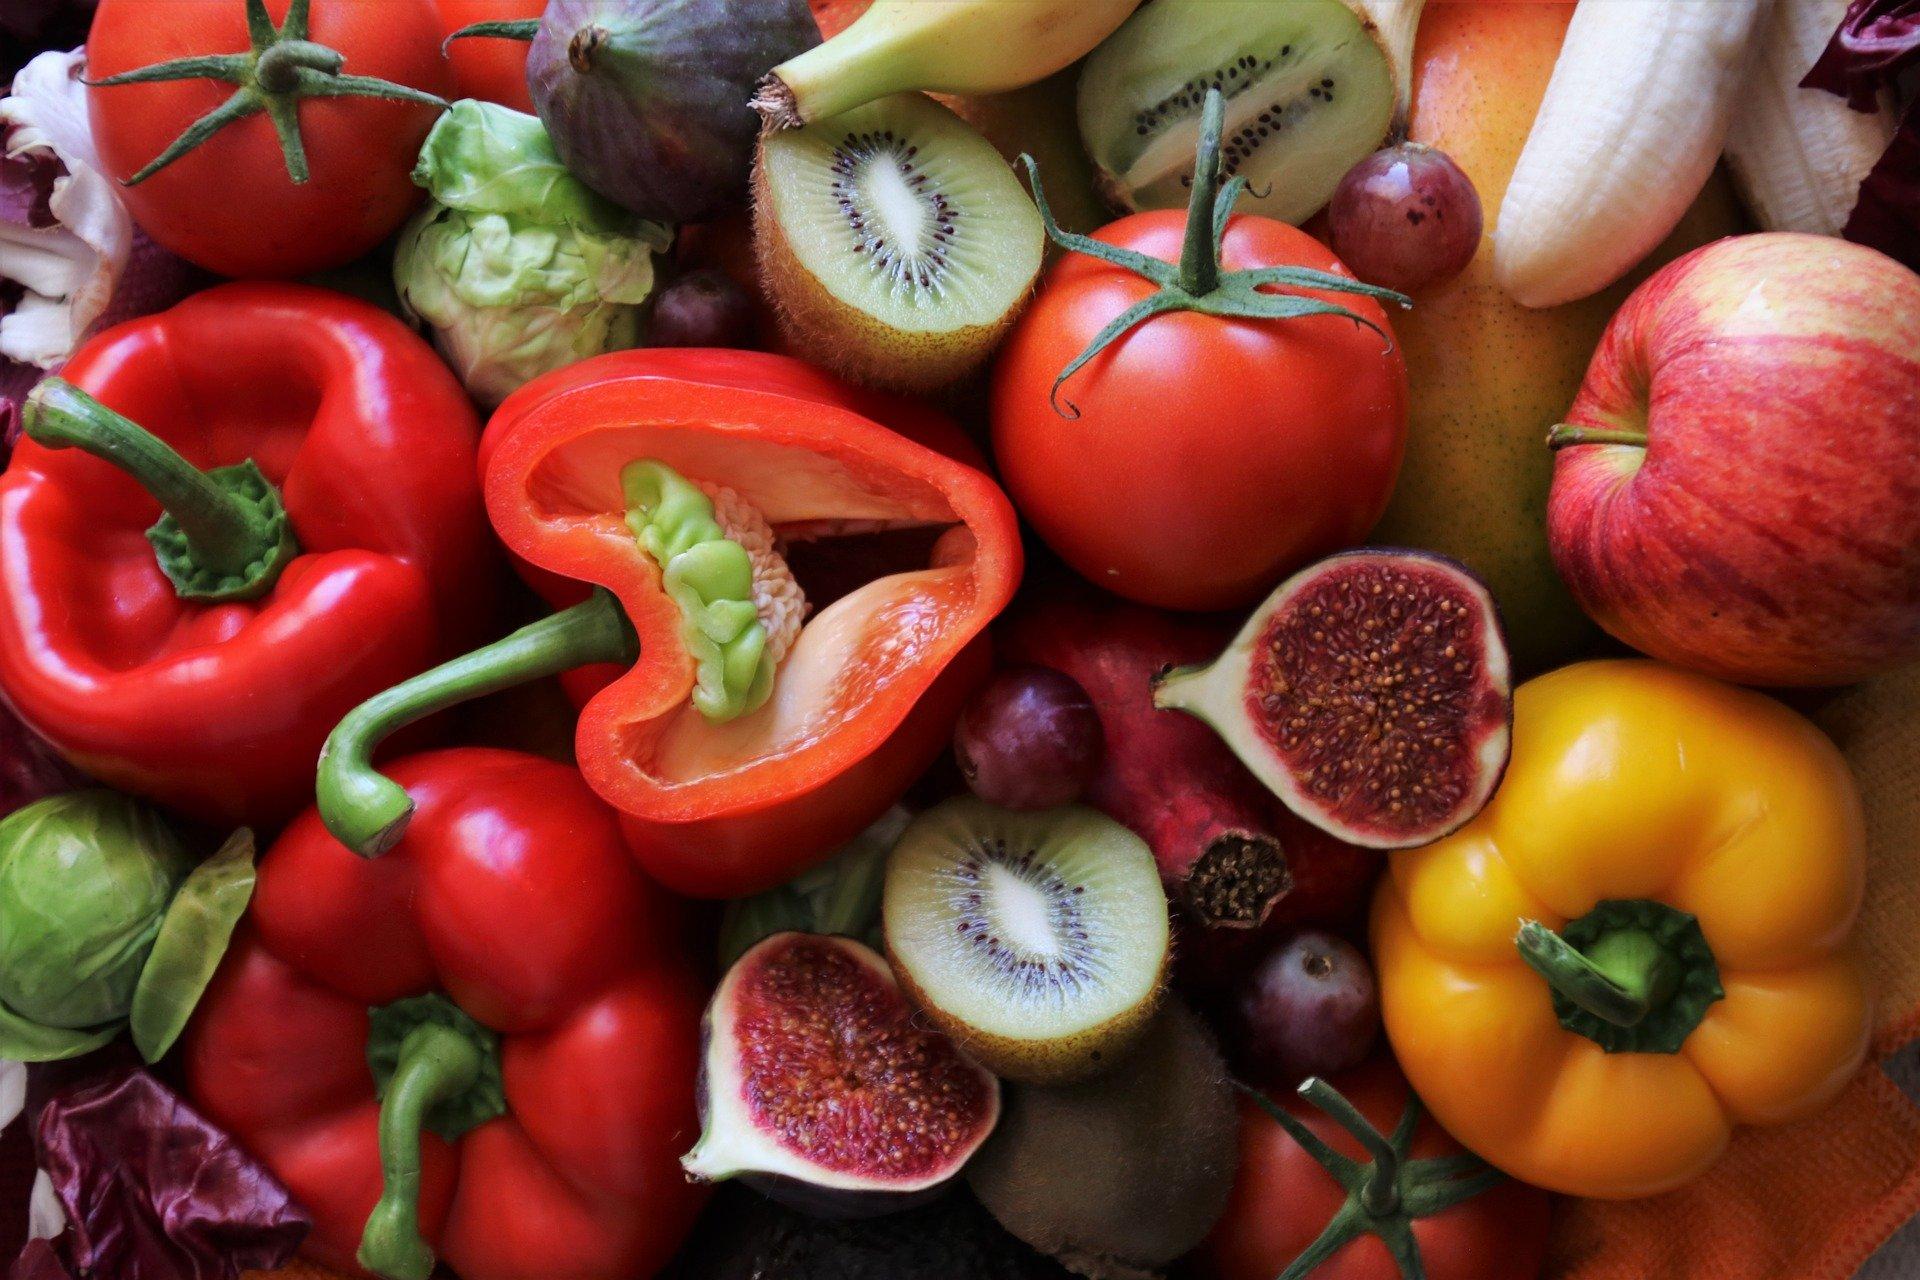 So erkennt man reifes Obst und Gemüse